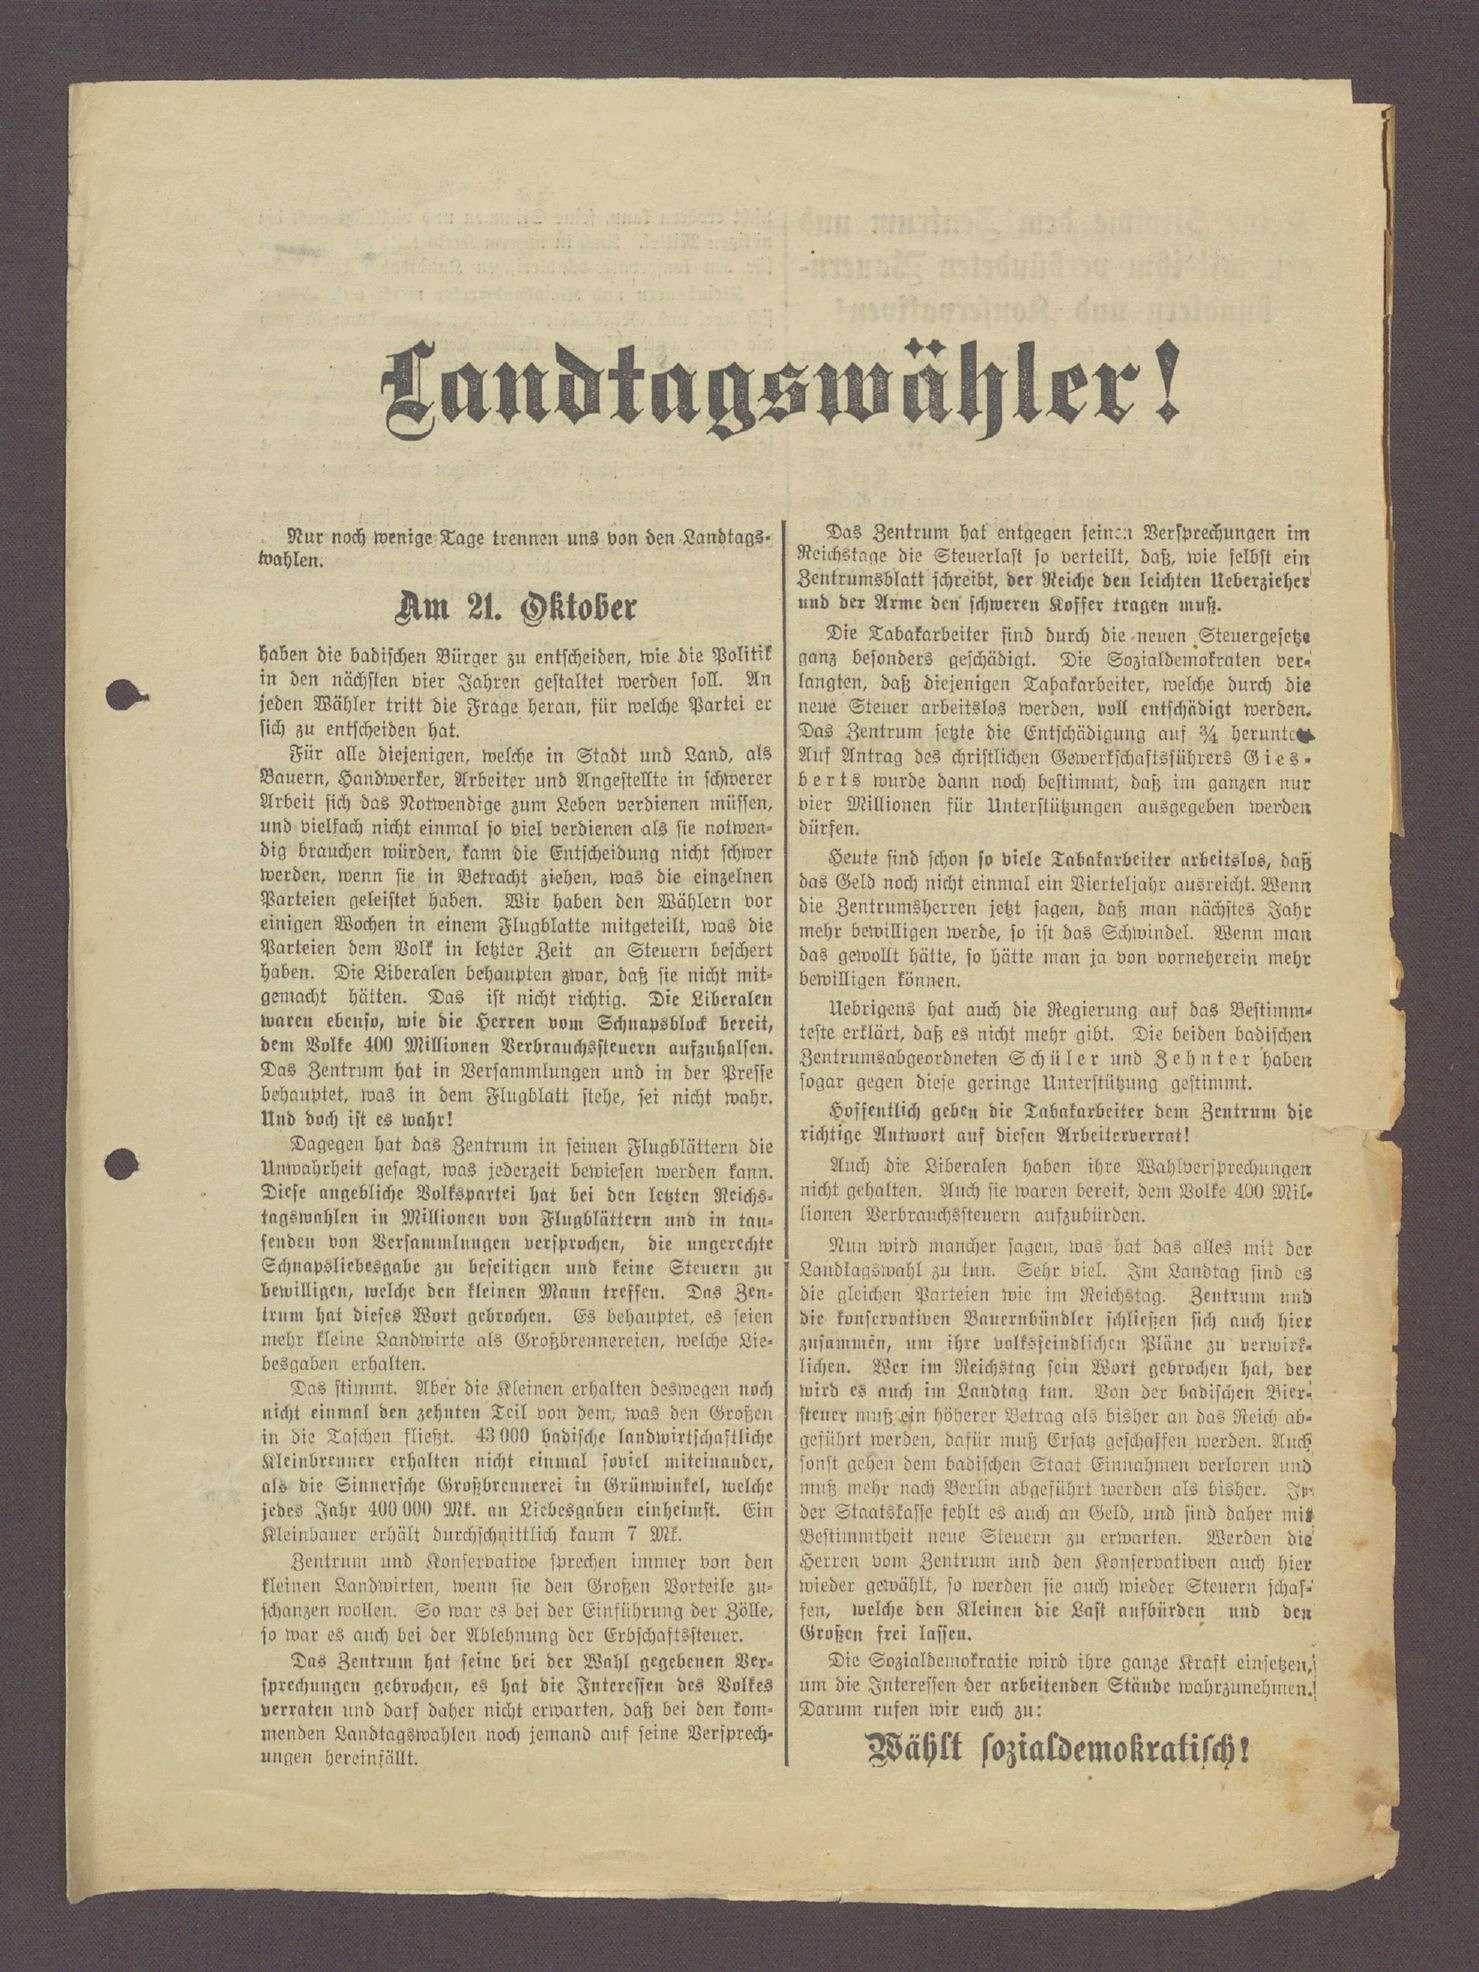 """Flugblatt: """"Landtagswähler! Nur noch wenige Tage...Wählt sozialdemokratisch..."""", Sozialdemokratische Partei, Dr. Ludwig Frank, Buchdruckerei Geck und Gie, Mannheim, Bild 1"""